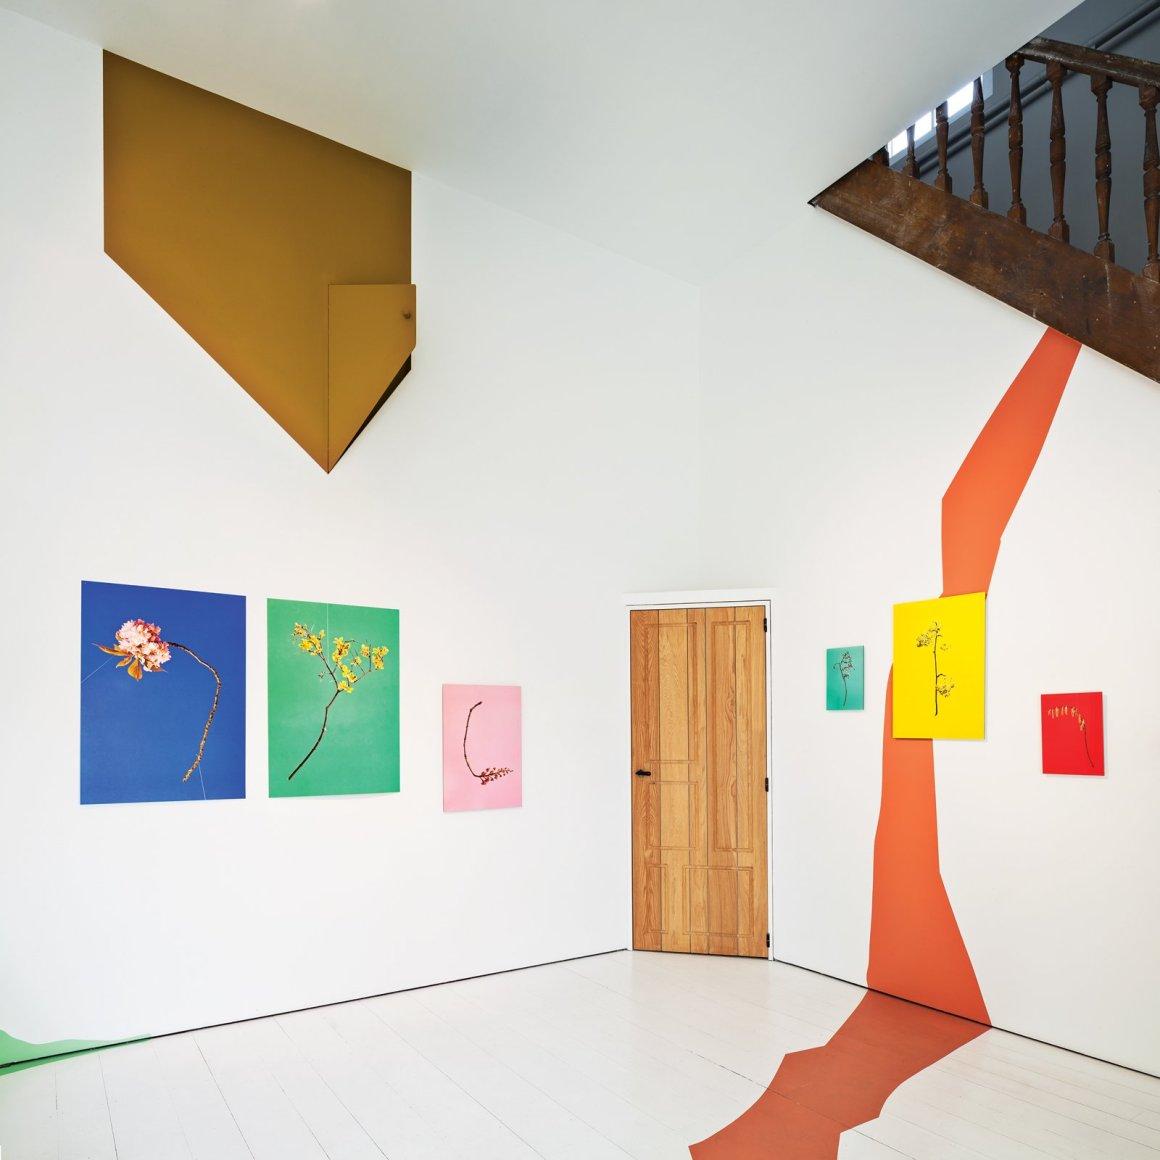 Les images par Raw Color s'accrochent dans une pièce à l'étage.